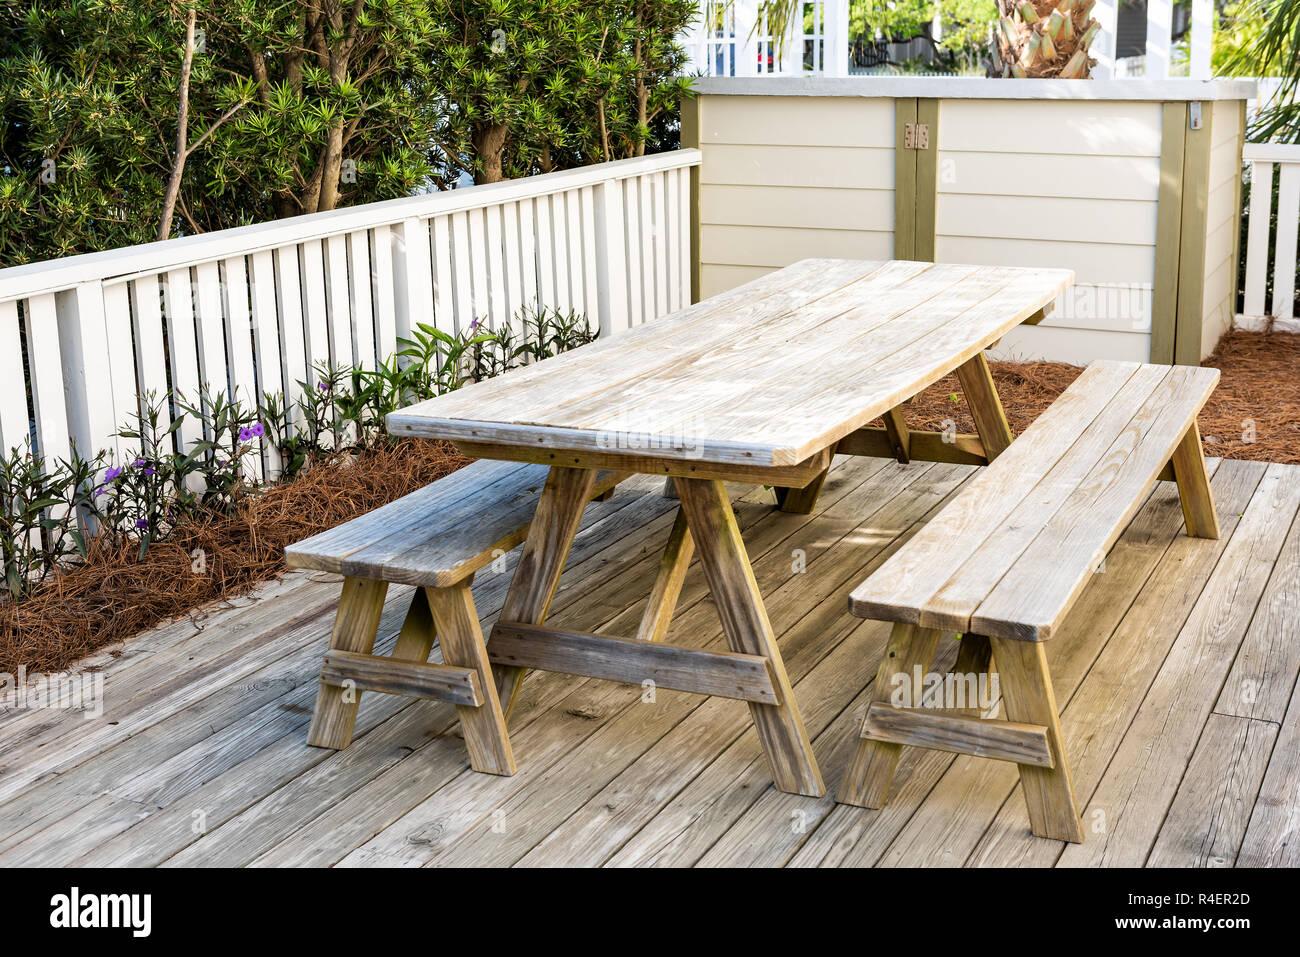 Nahaufnahme Des Leeren Holztisch Niemand In Terrasse Garten Garten